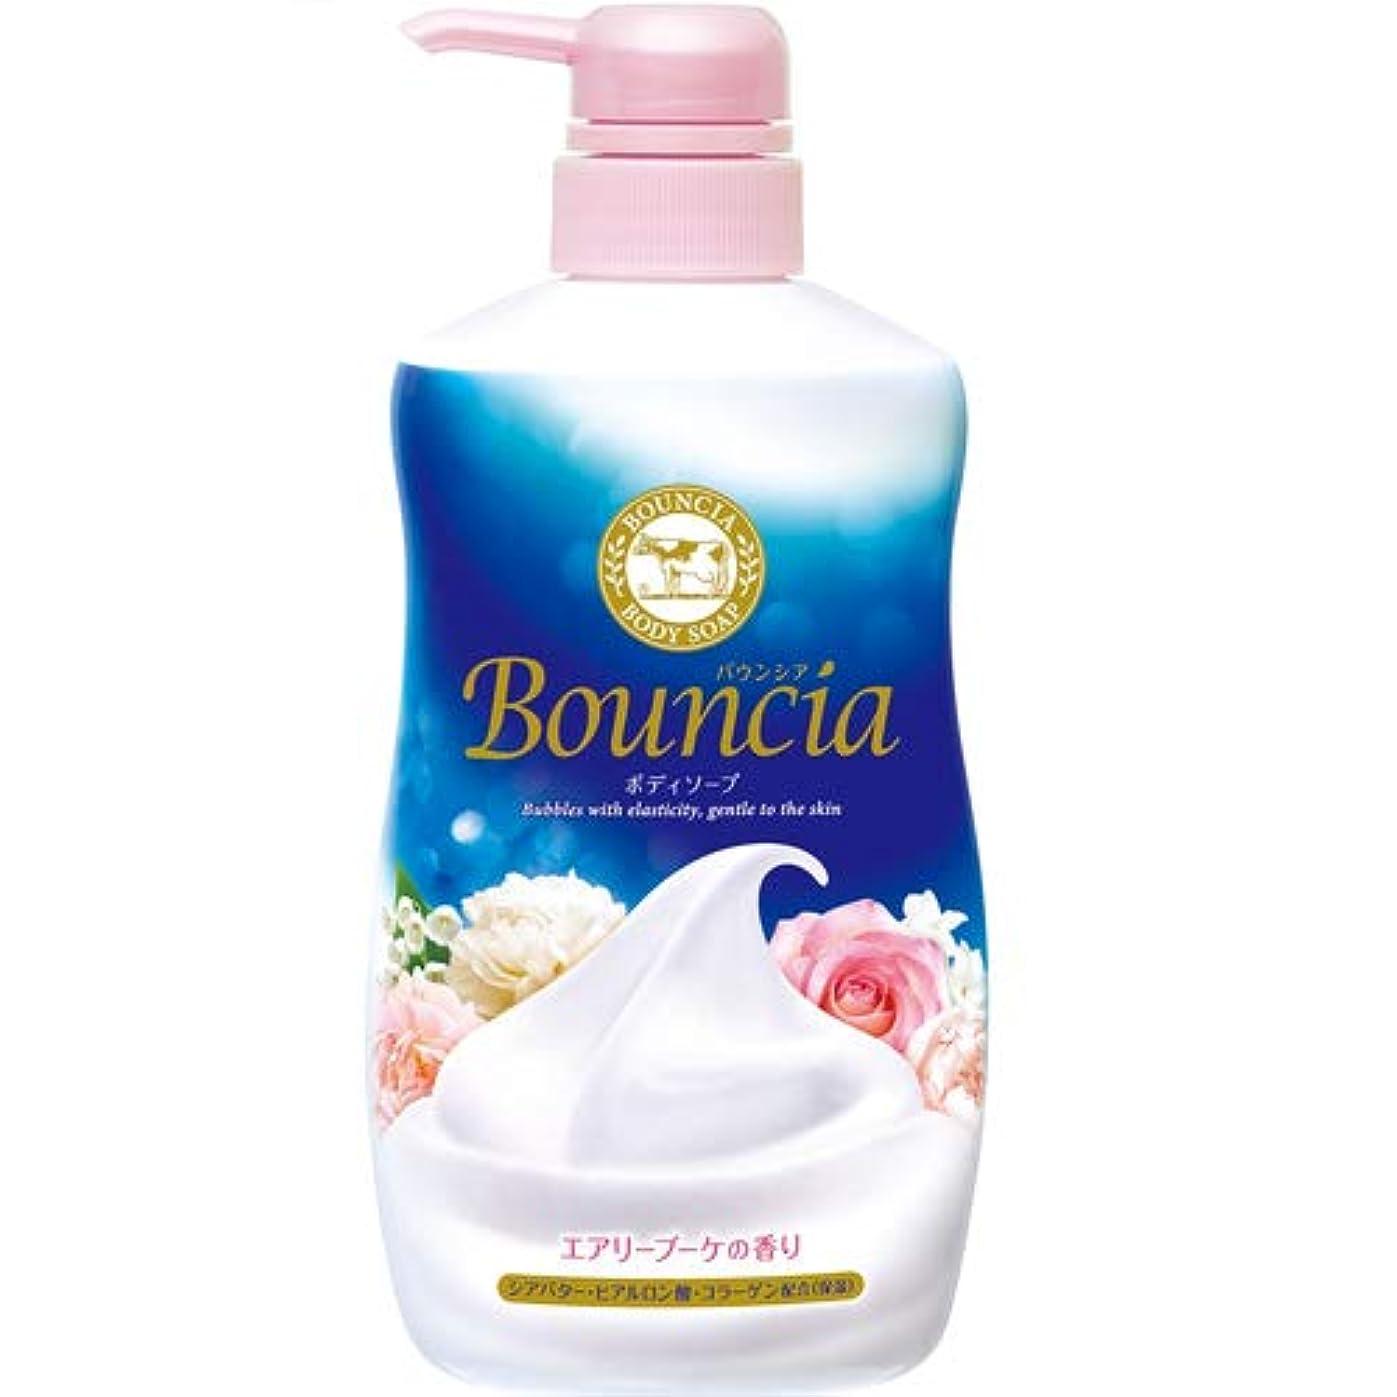 アルコーブめったに一定バウンシア ボディソープ エアリーブーケの香り ポンプ付 500mL